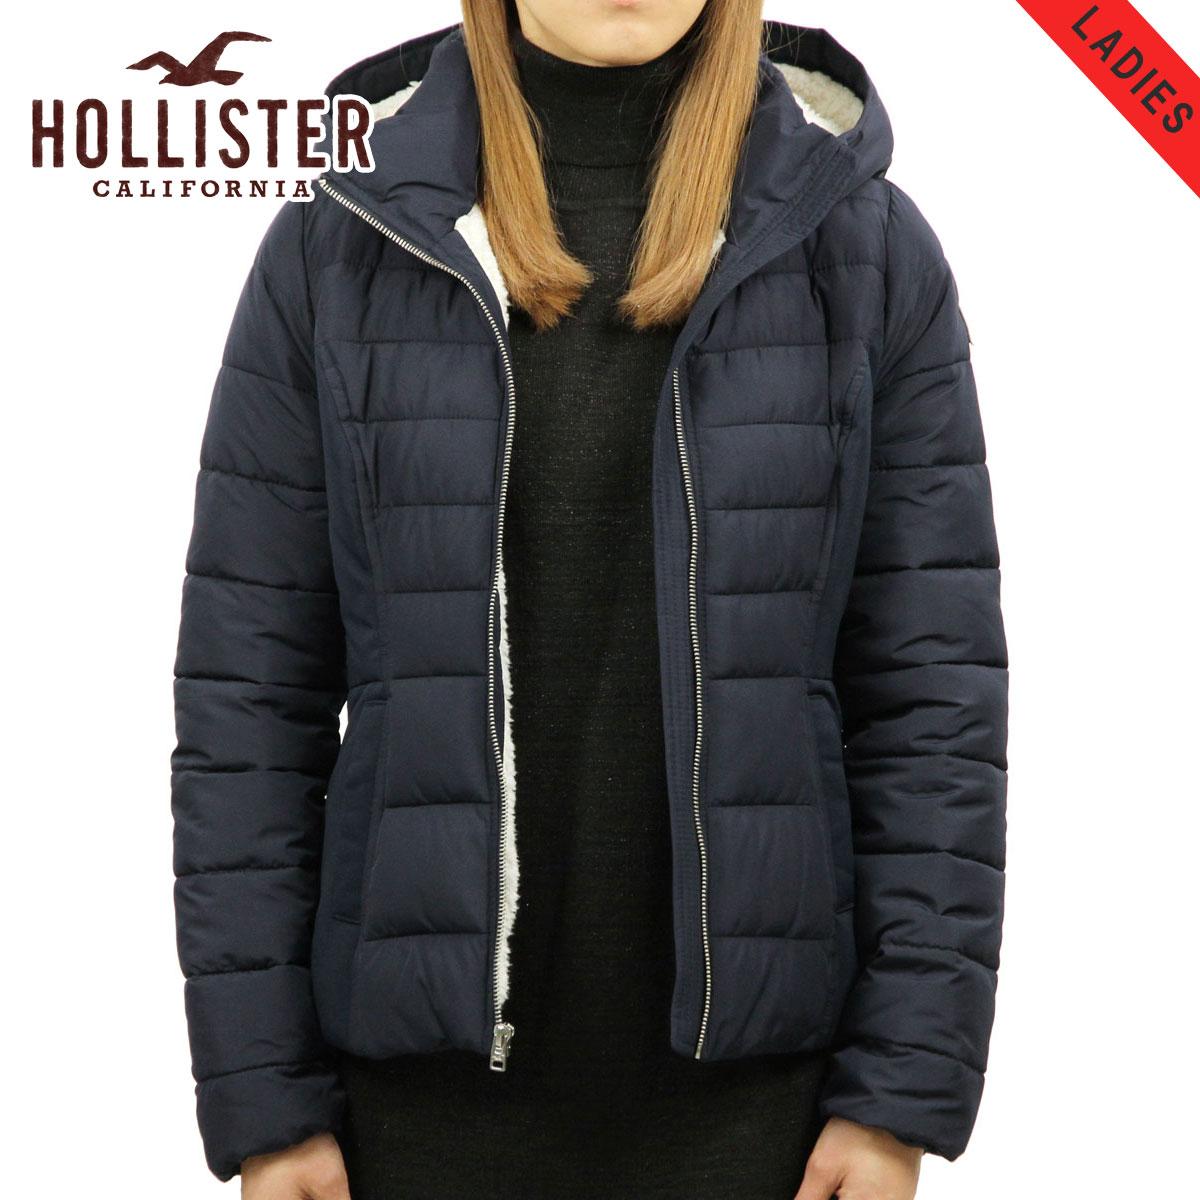 ホリスター HOLLISTER 正規品 レディース アウタージャケット Sherpa Lined Puffer Jacket 344-445-0495-200 D00S20